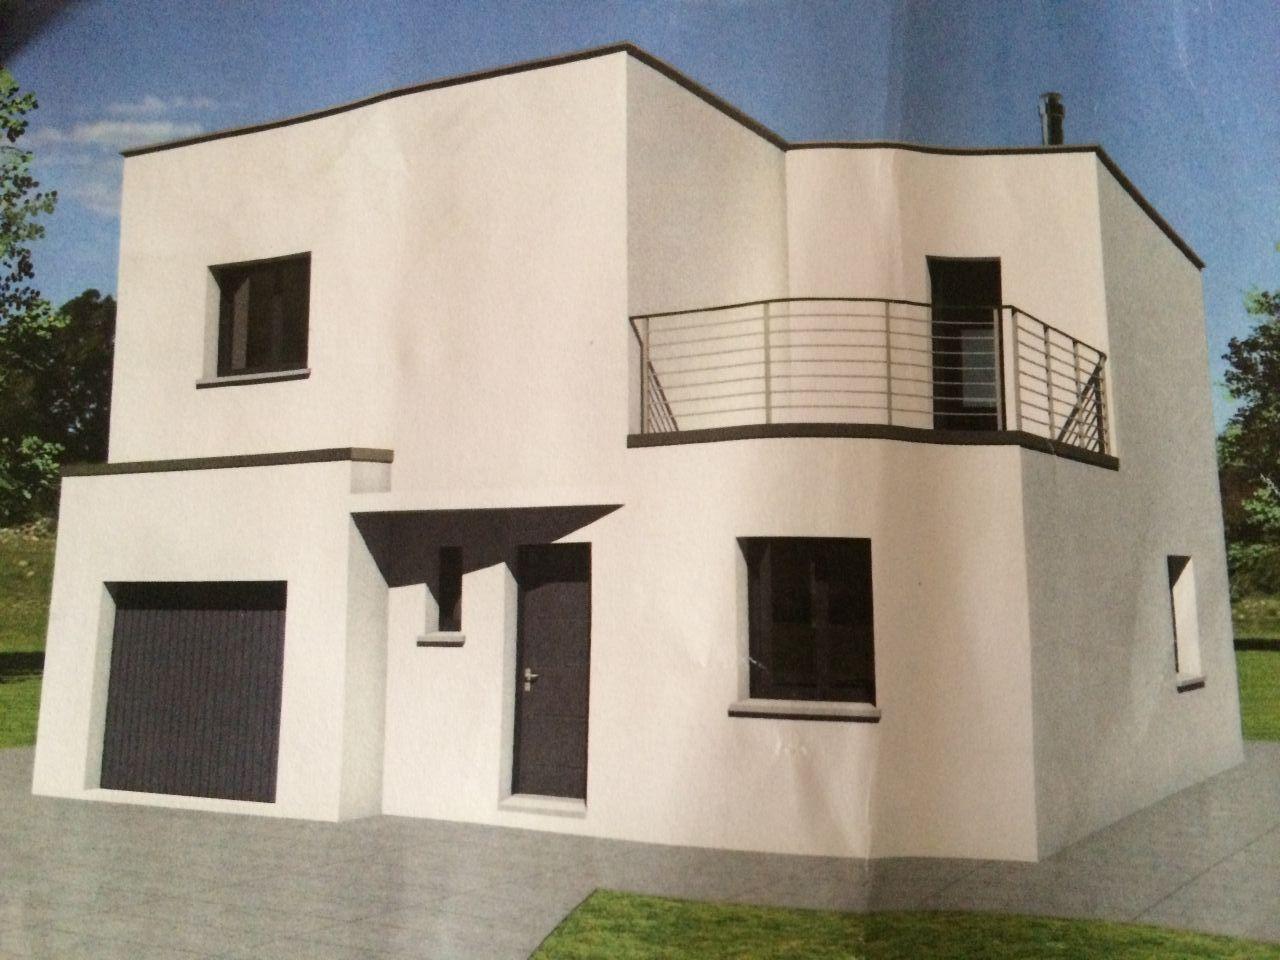 Vue 3D façade avant. Projet non retenu (Roalles Caillot)